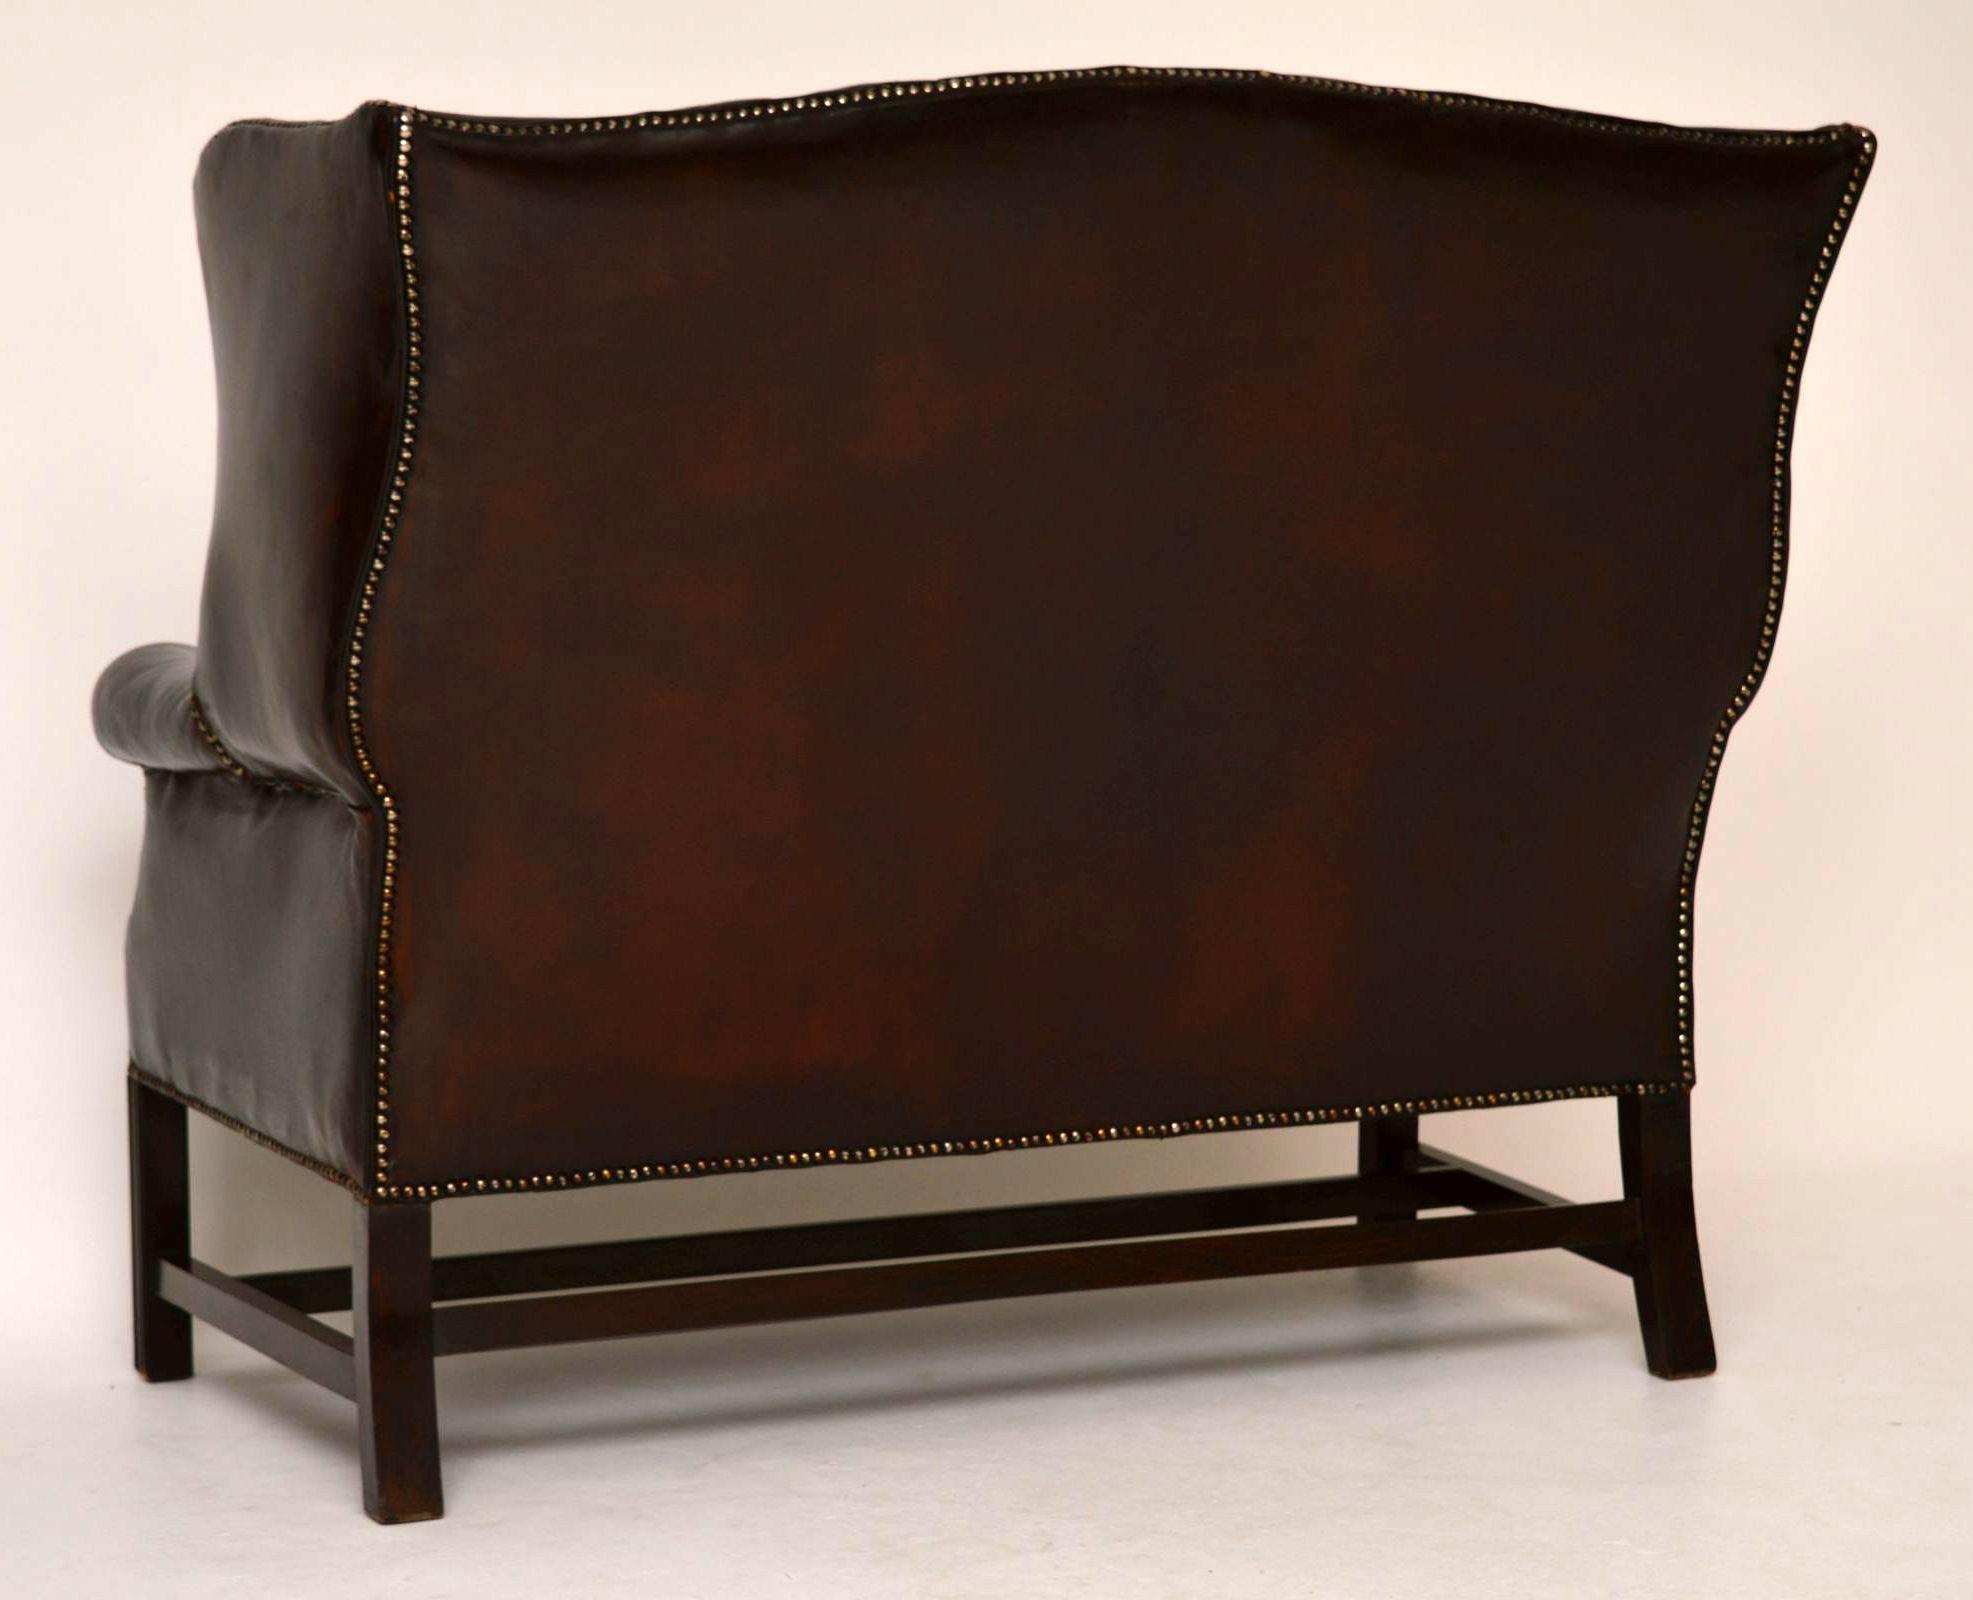 antikes tiefgekn pfte leder ohren sofa. Black Bedroom Furniture Sets. Home Design Ideas